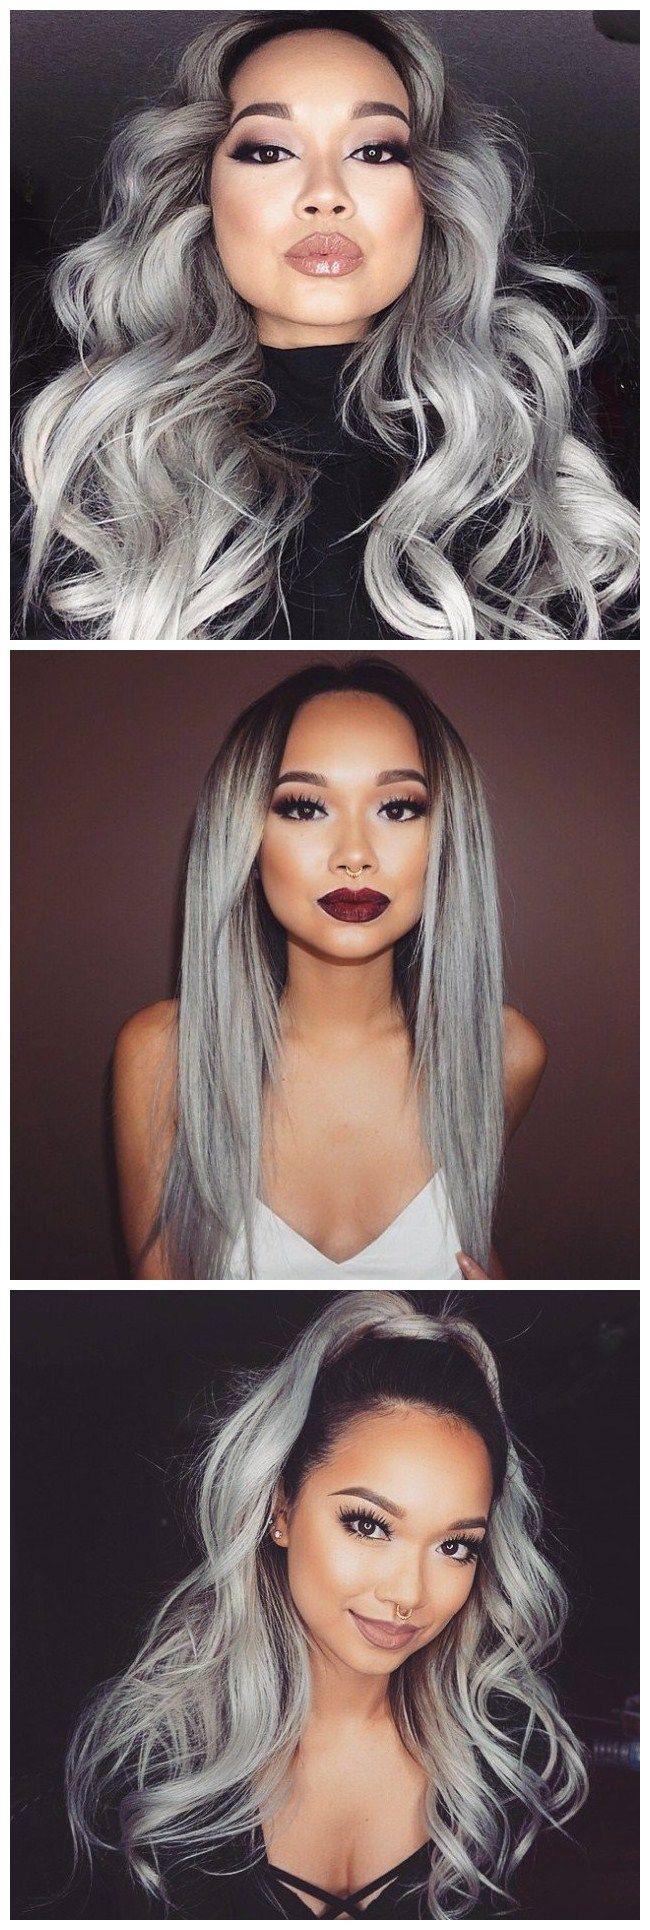 108 00 3 Bundel Brasilianisches Haar Grosse Wellen Ombre Menschliches Haar Webarten Haarverlangerungen With Images Grey Hair Weave Hair Styles Weave Hairstyles